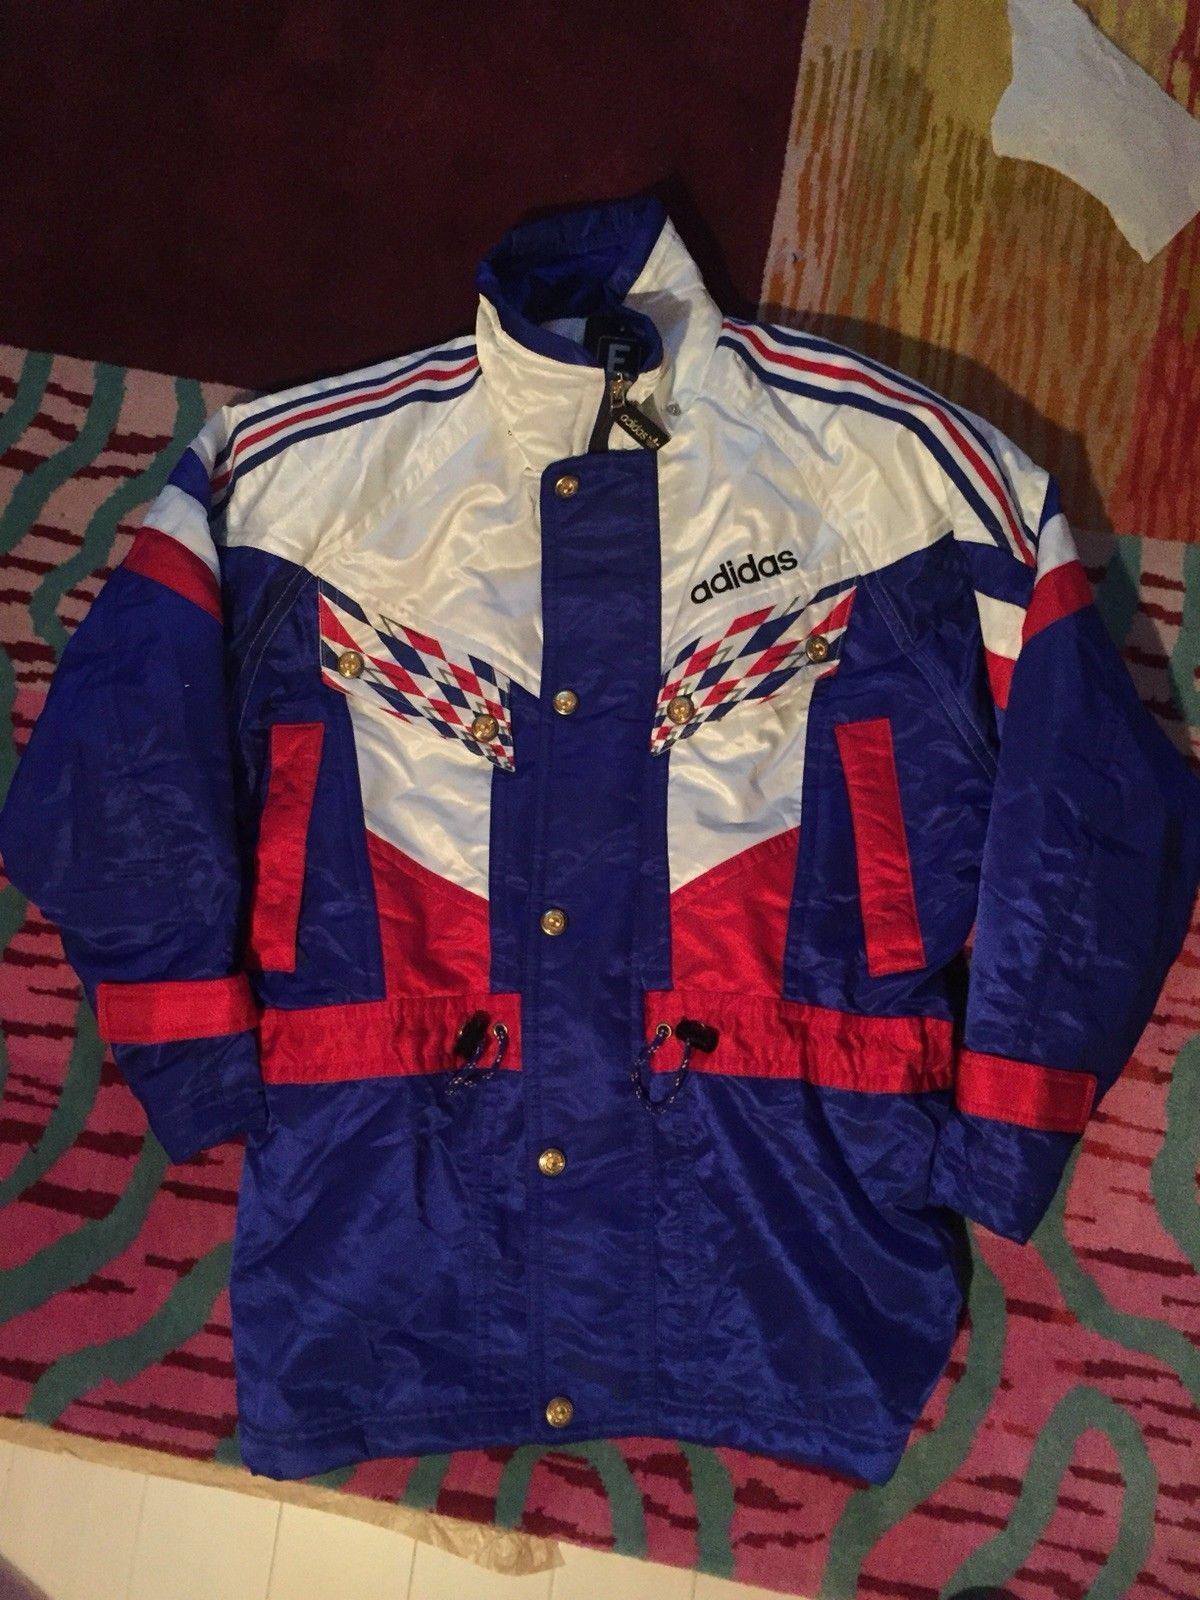 Details about Adidas Jacket Vintage 90 JASPOL Descente Ski